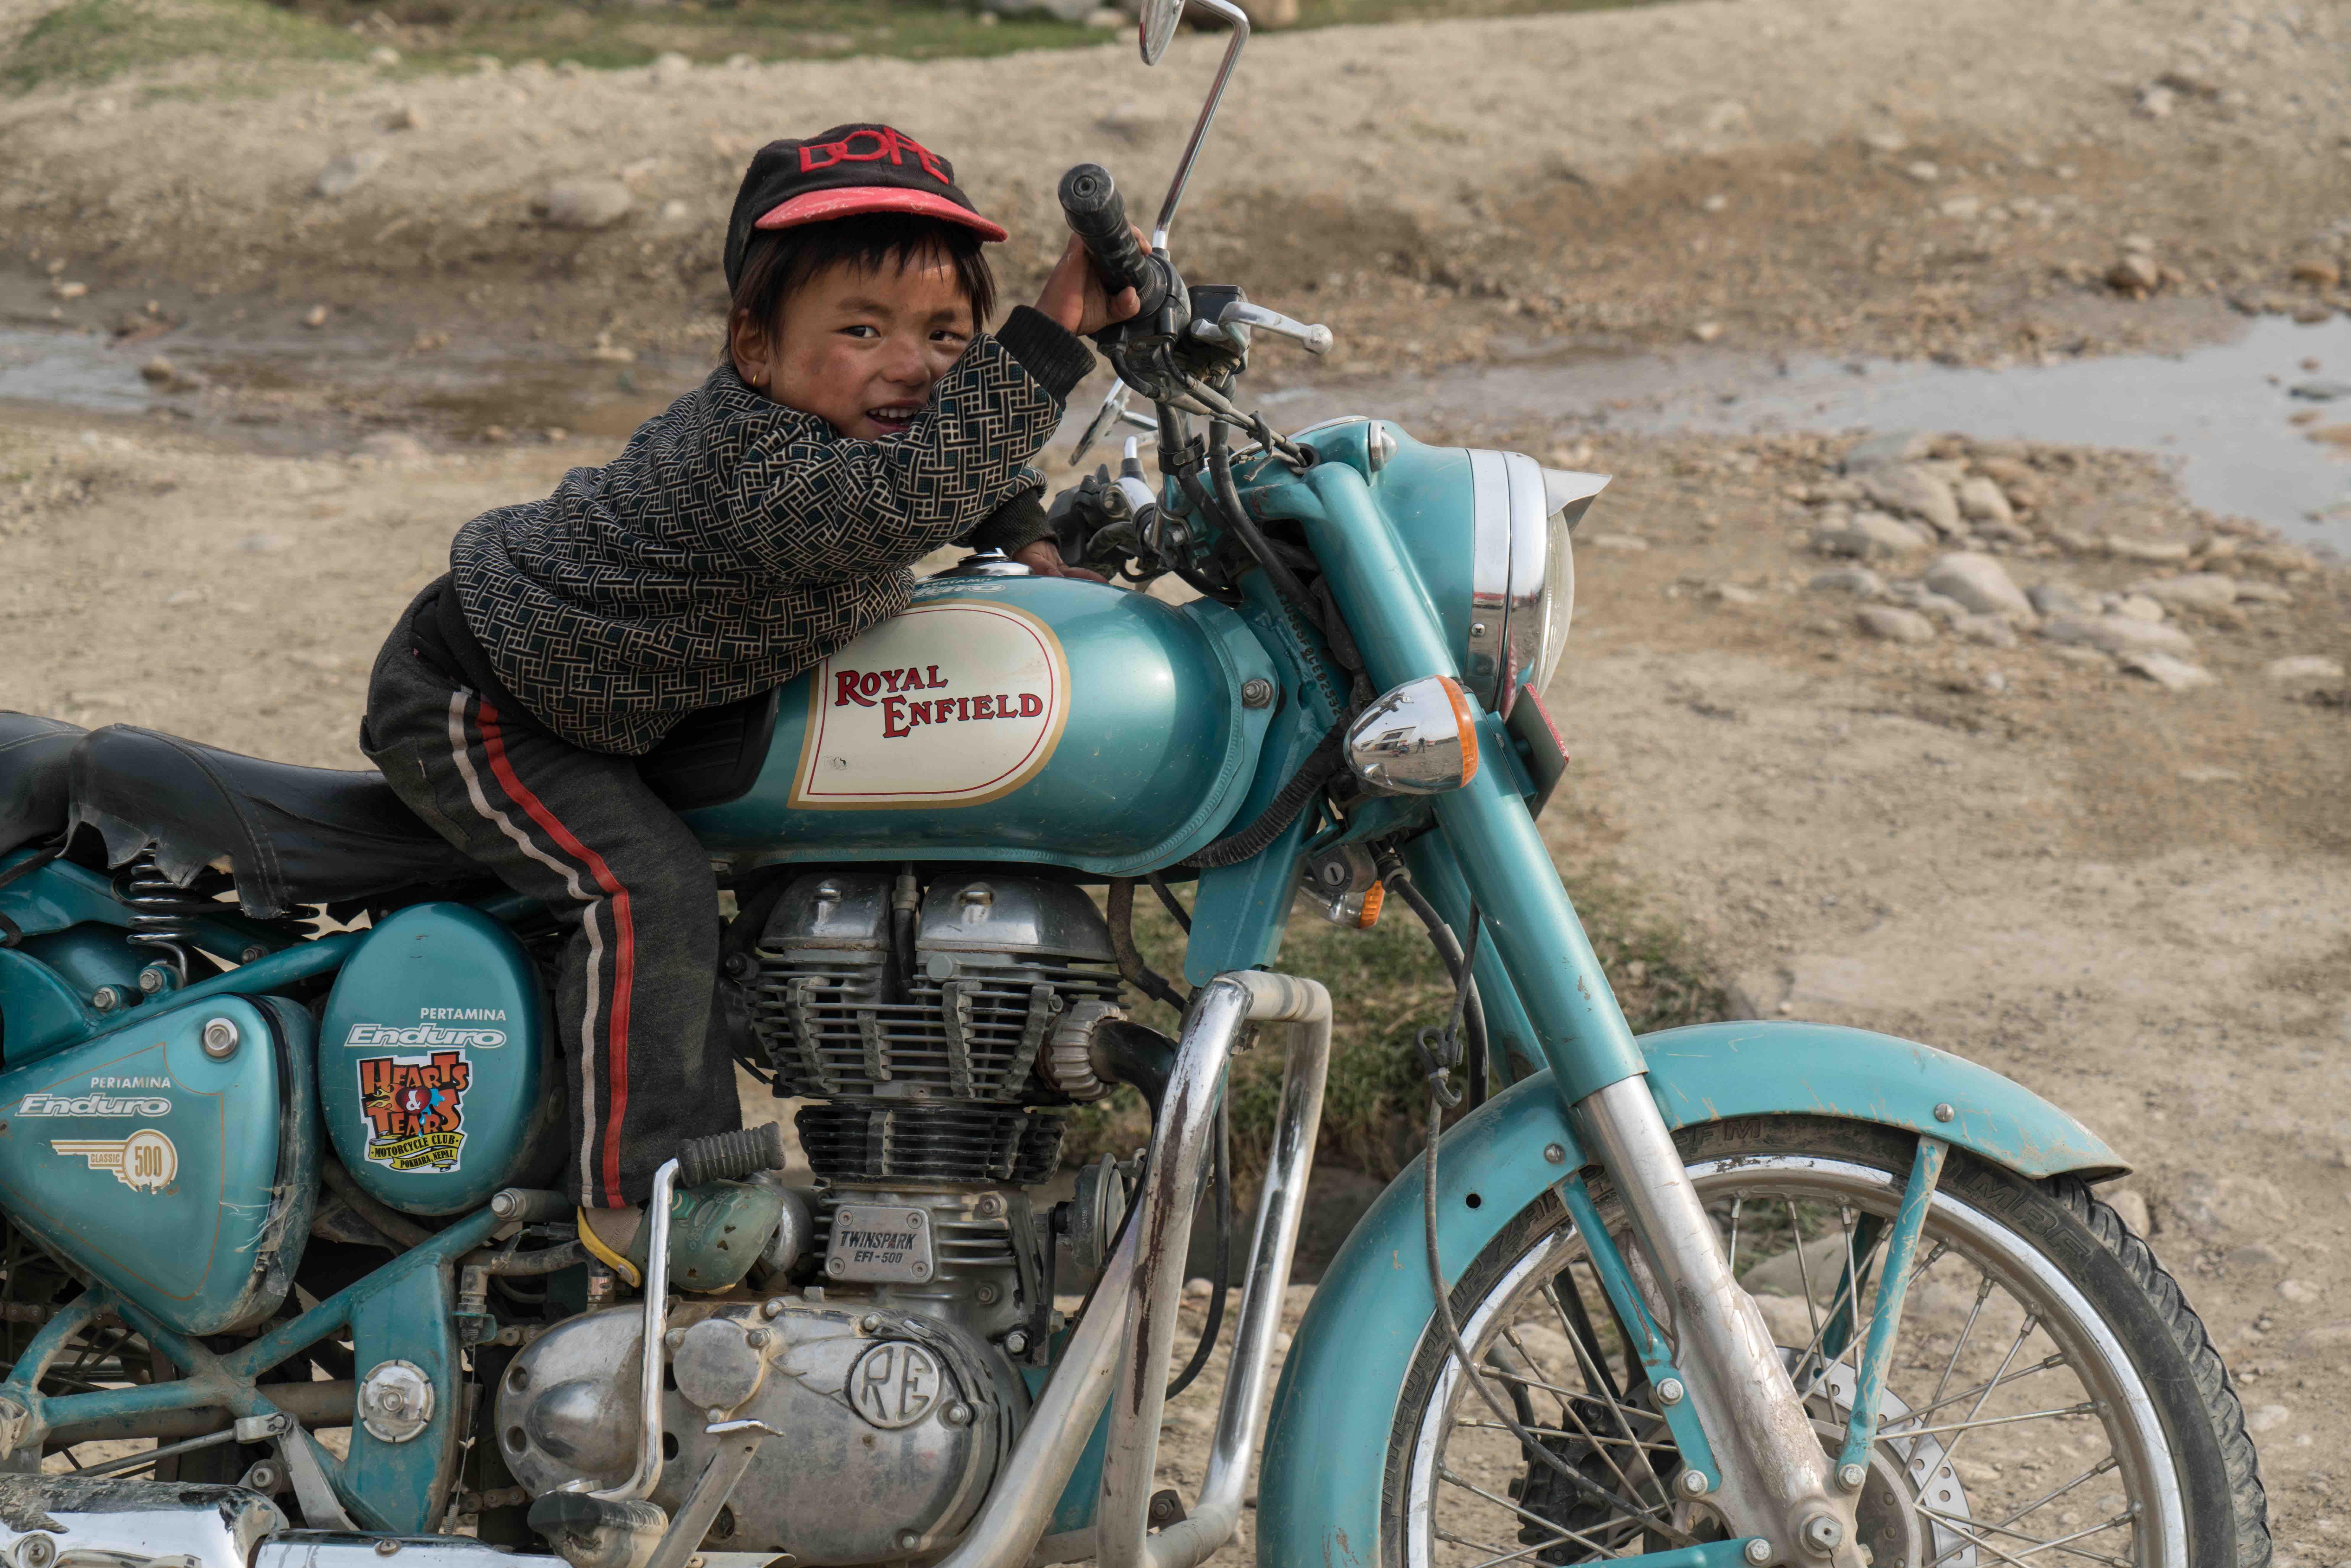 mustang-nepal-himalaya-expedition-01584